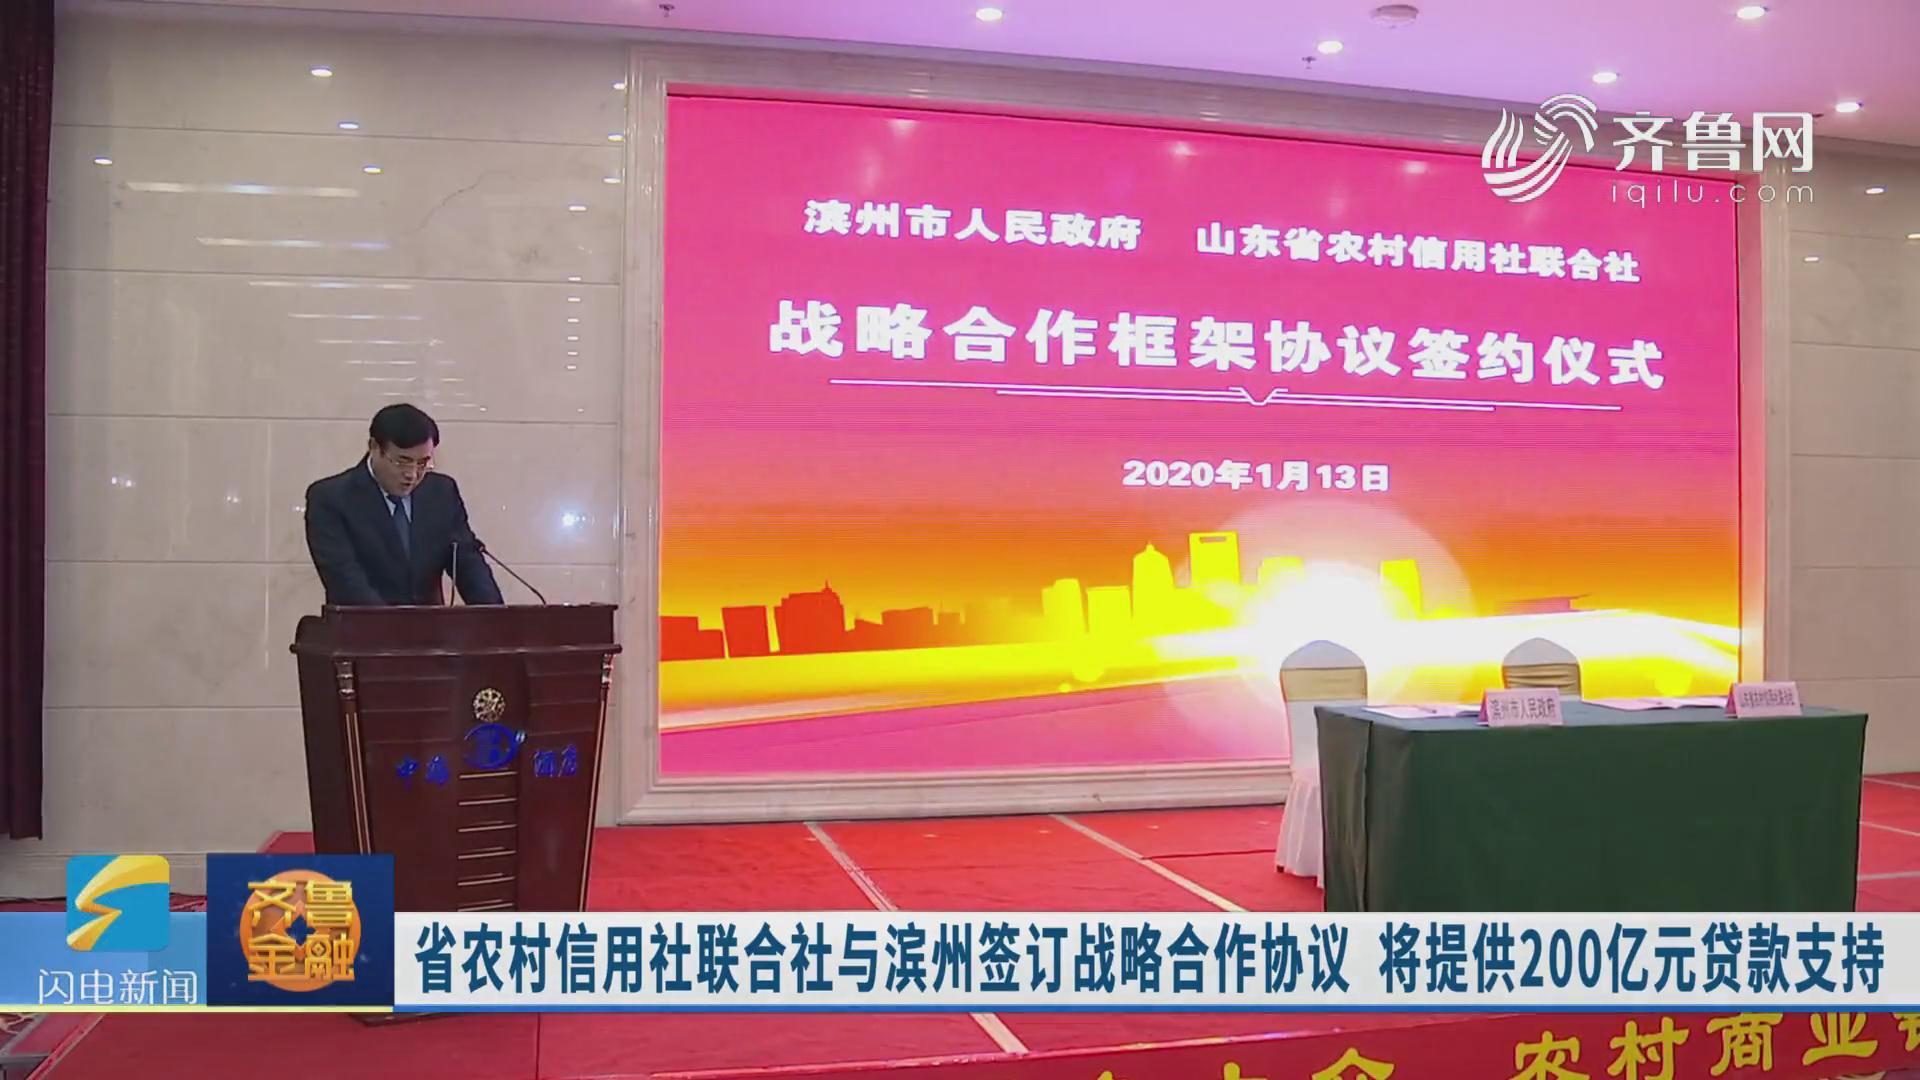 省农村信用社联合社与滨州签订战略合作协议 将提供200亿元贷款支持《齐鲁金融》20200122播出